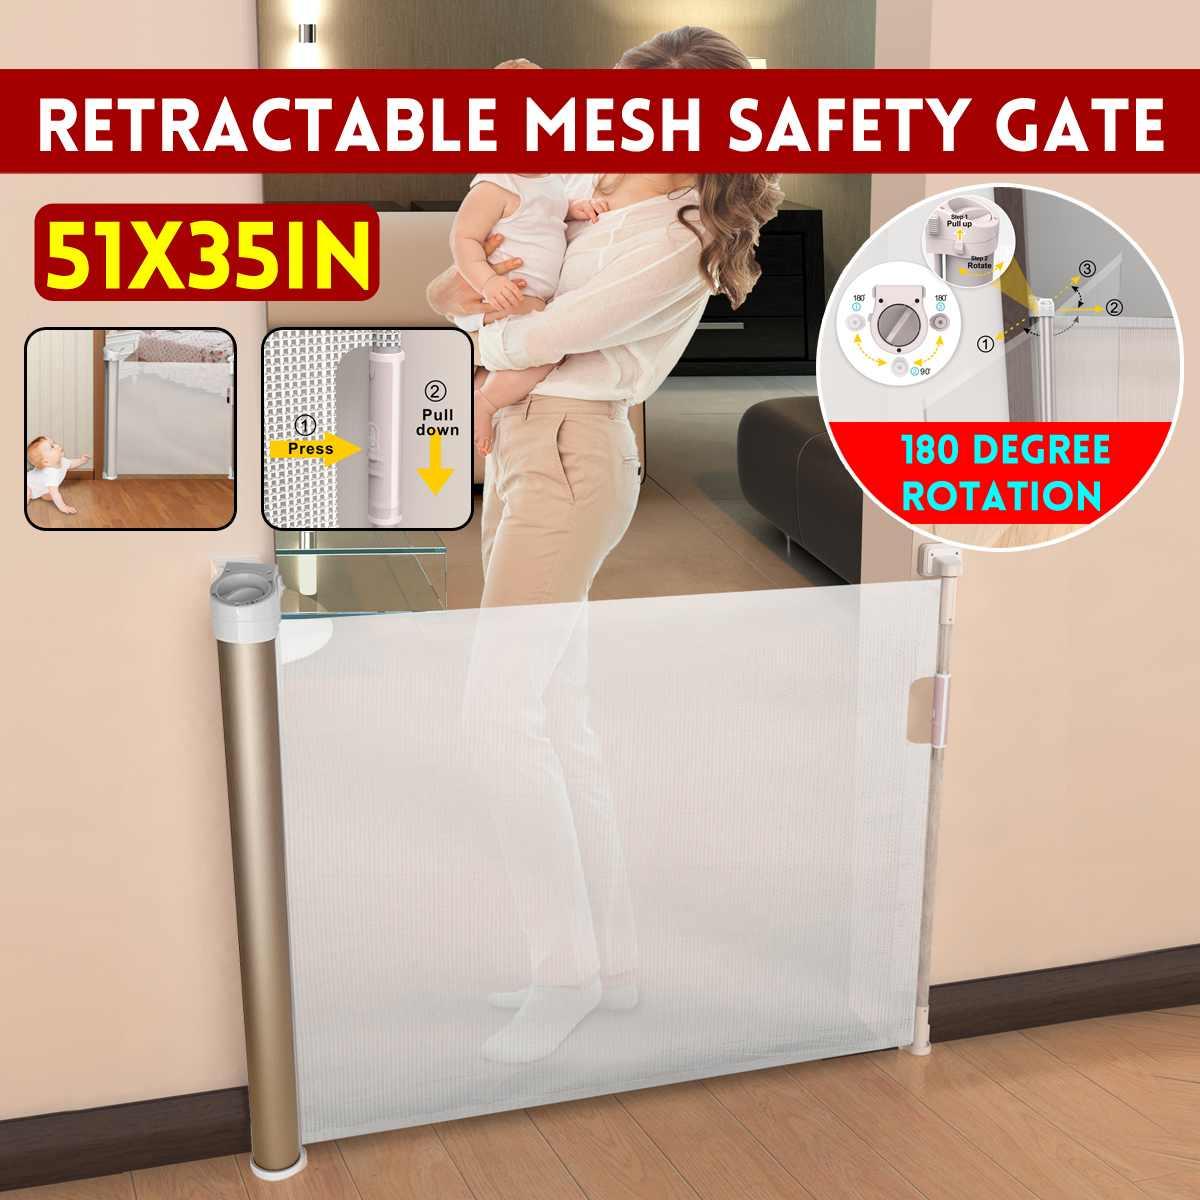 180 ° Rotation rétractable en métal chien porte garde de sécurité maille clôture bébé escalier Isolation maison Net 51x35 pouces